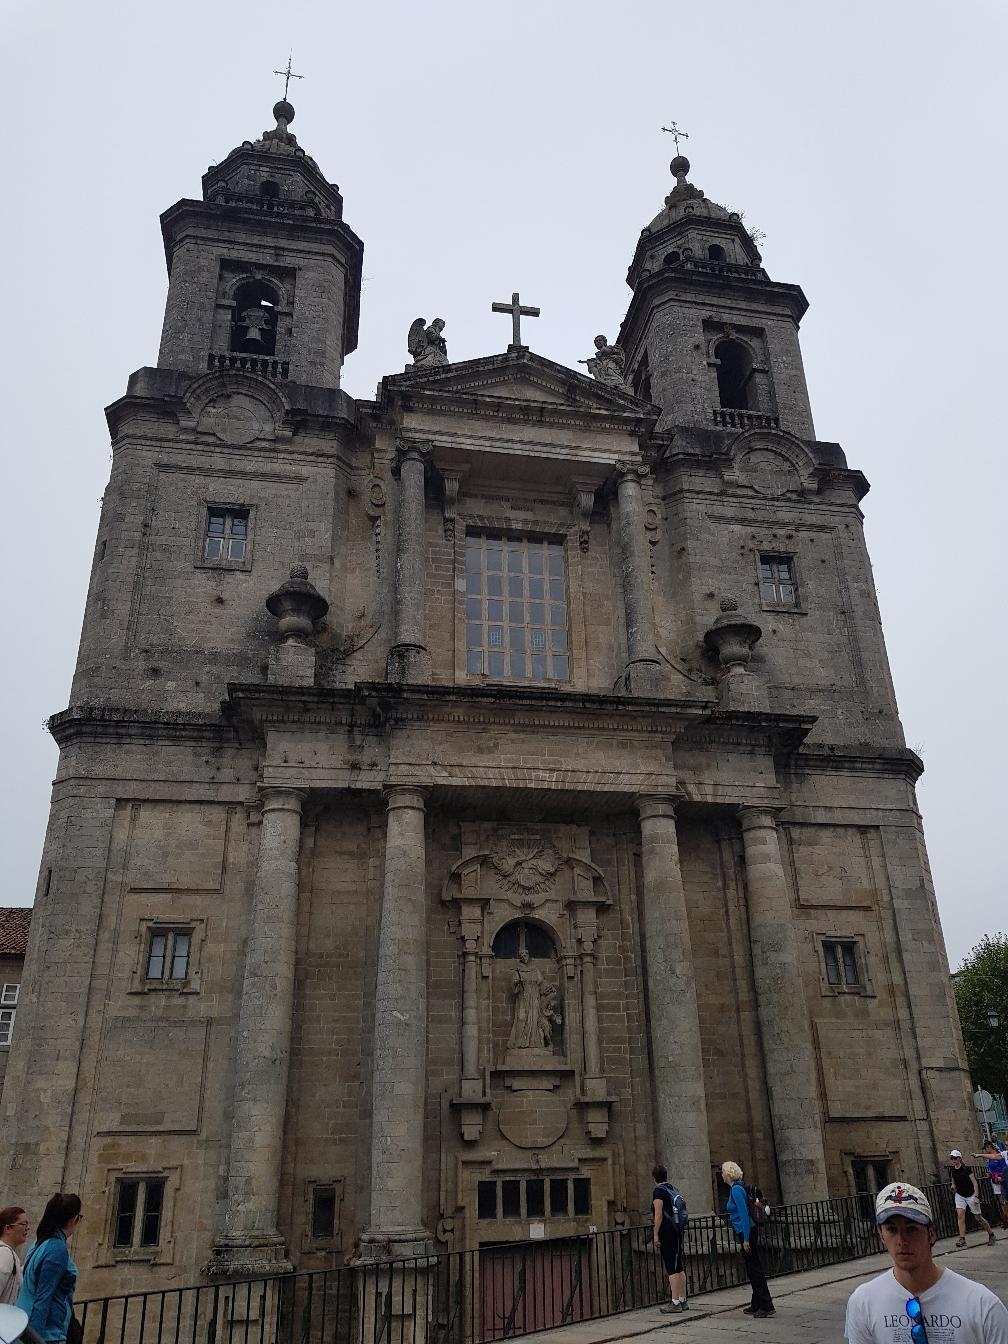 Auf Grund von Renovierungsarbeiten finden 2019 die Pilgermessen in der San Fransico Kirche statt